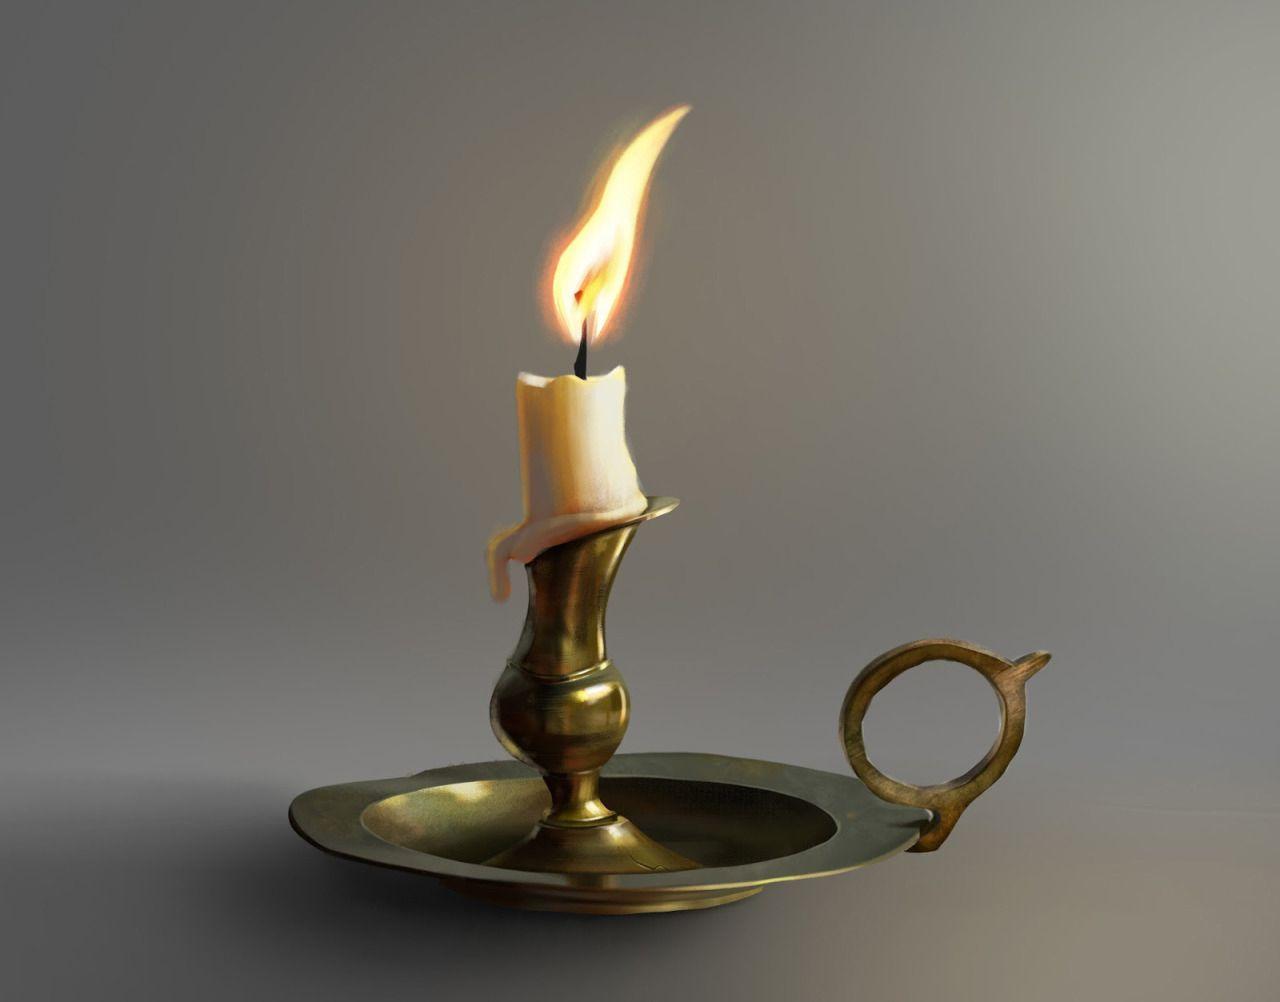 Свечи подсвечники старинные картинки